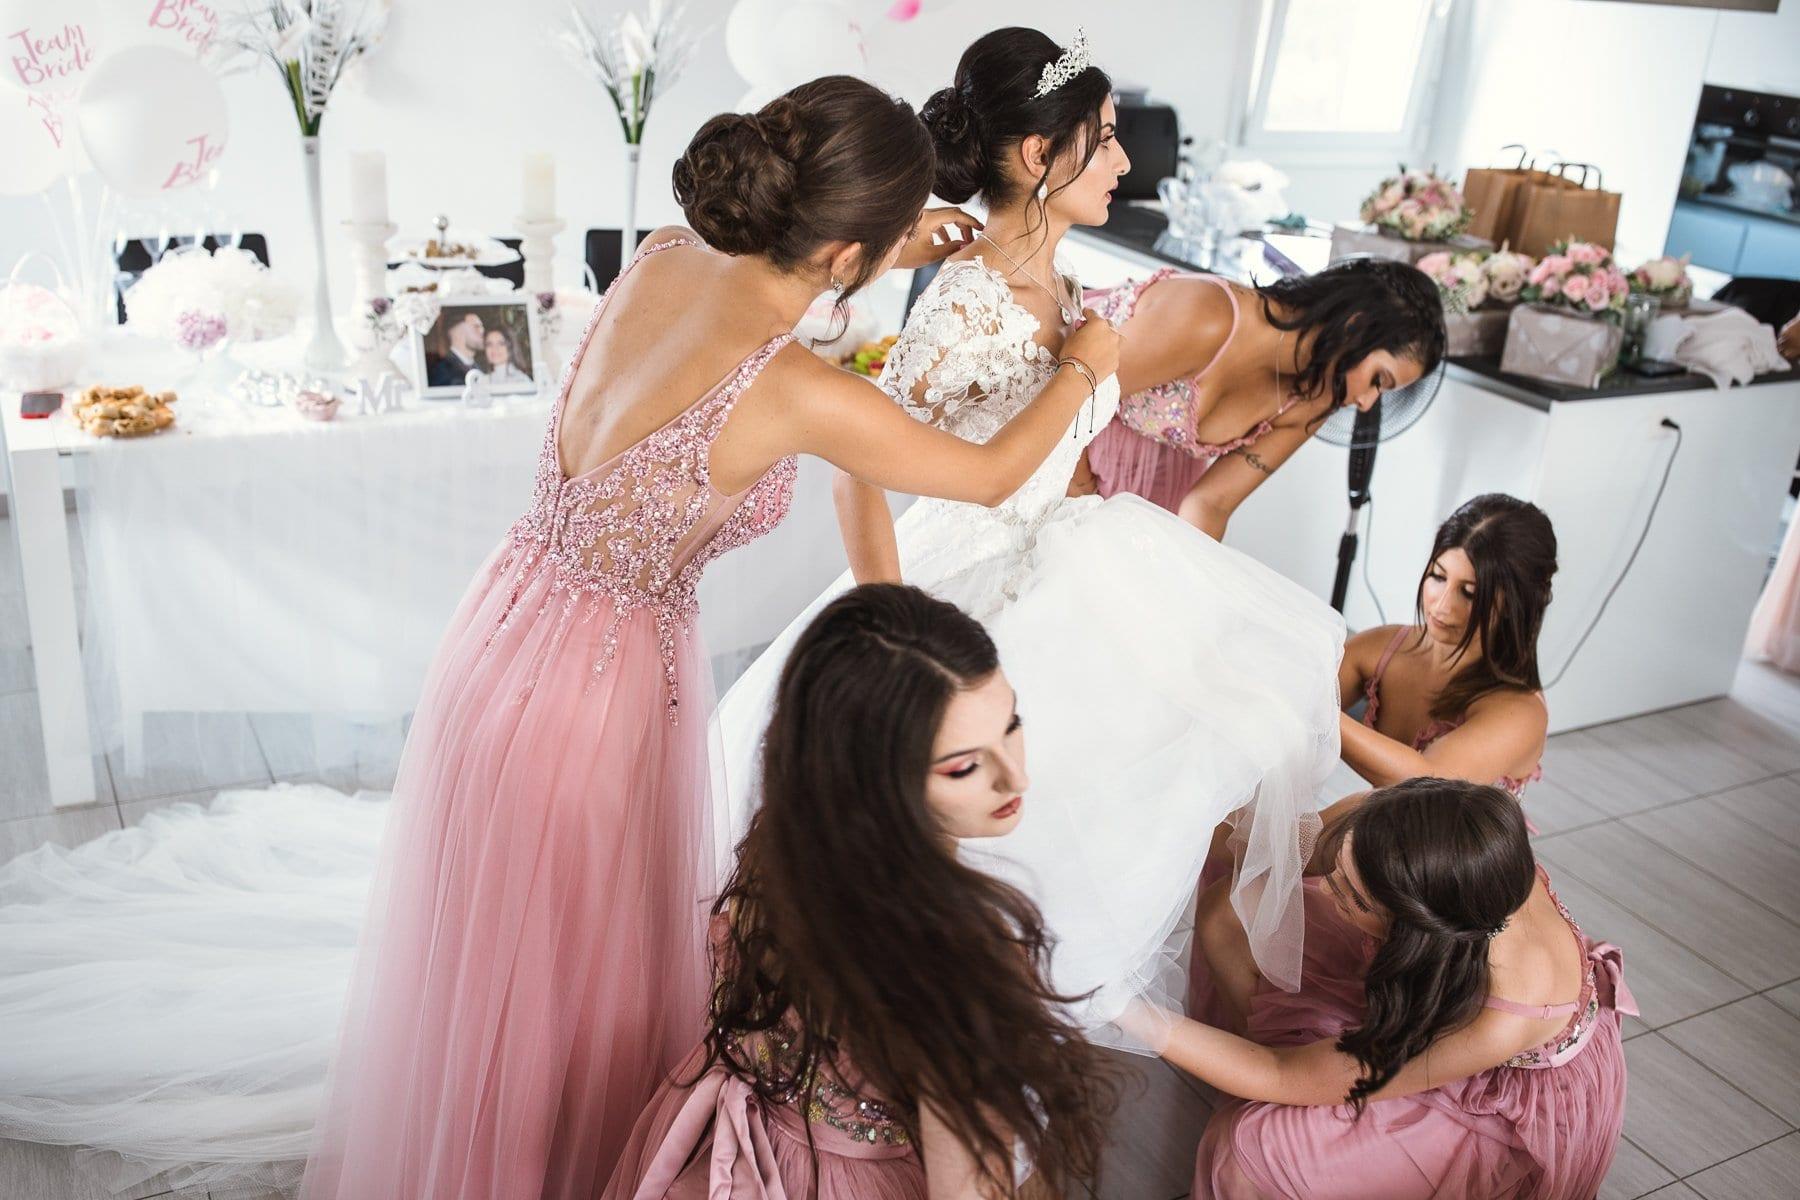 Preparativi sposa aiutata dalle damigelle ad indossare l'abito